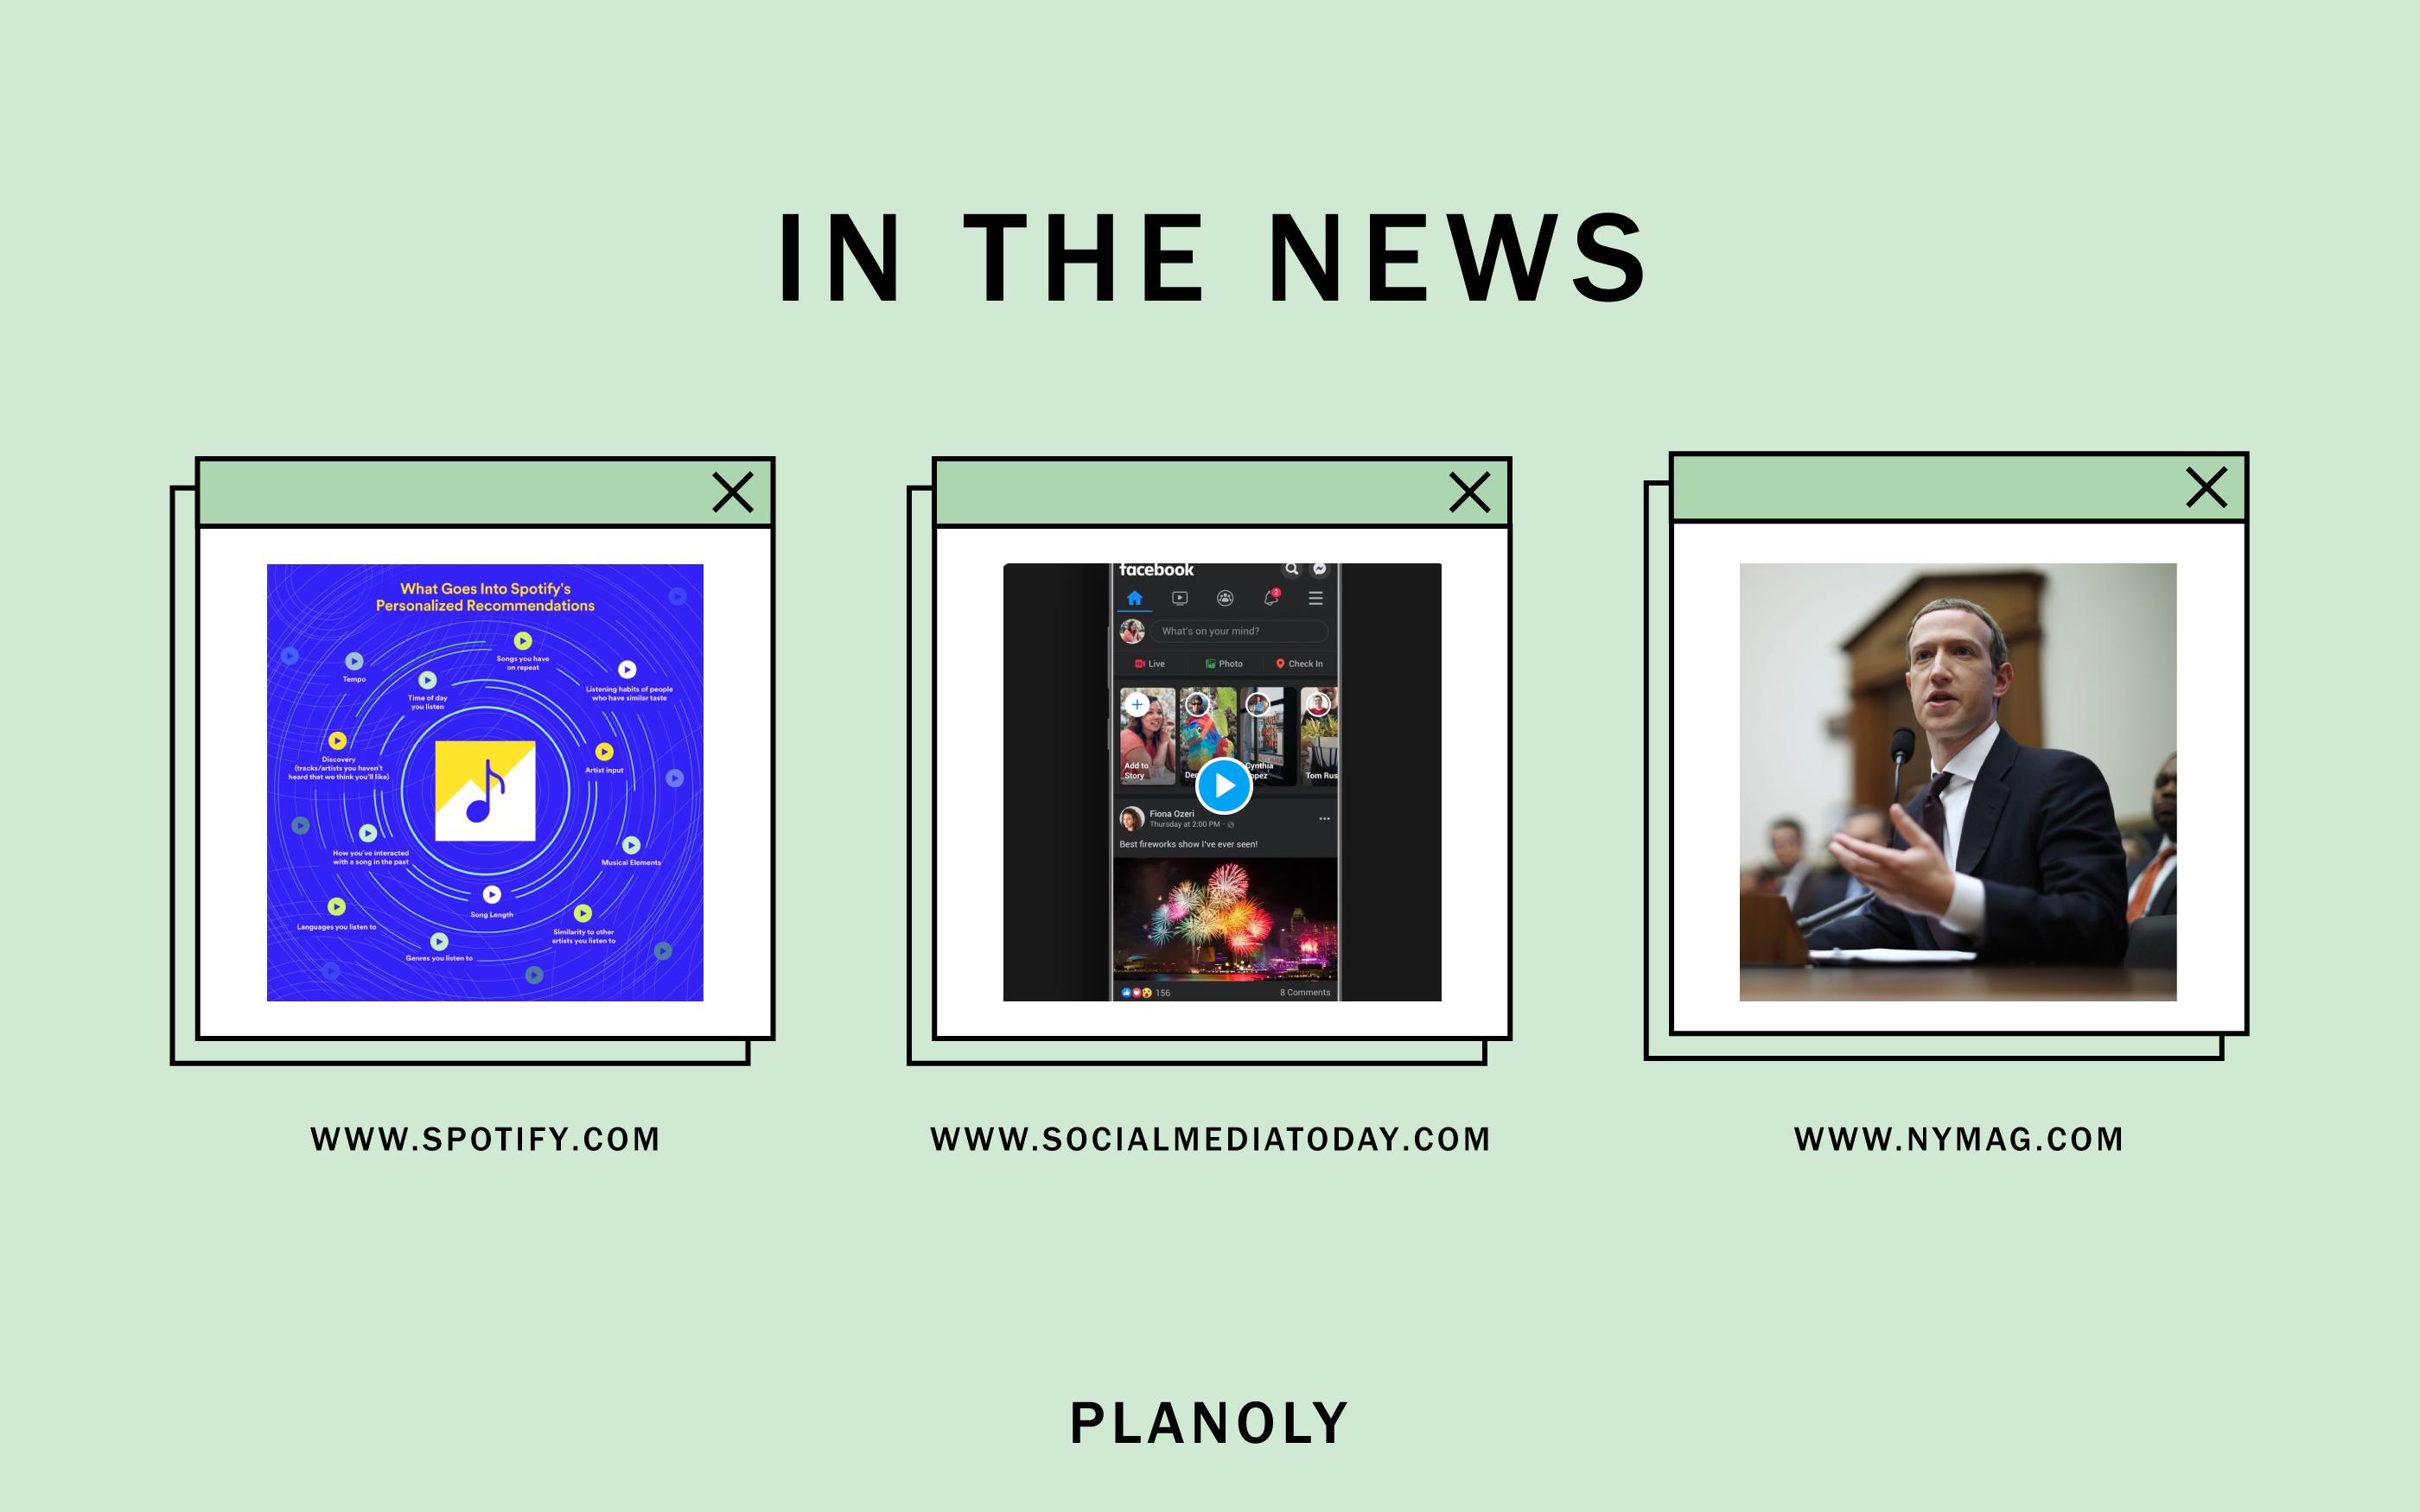 PLANOLY - Blog Post - Social Sphere - Week of 11.02.20 - Image 1